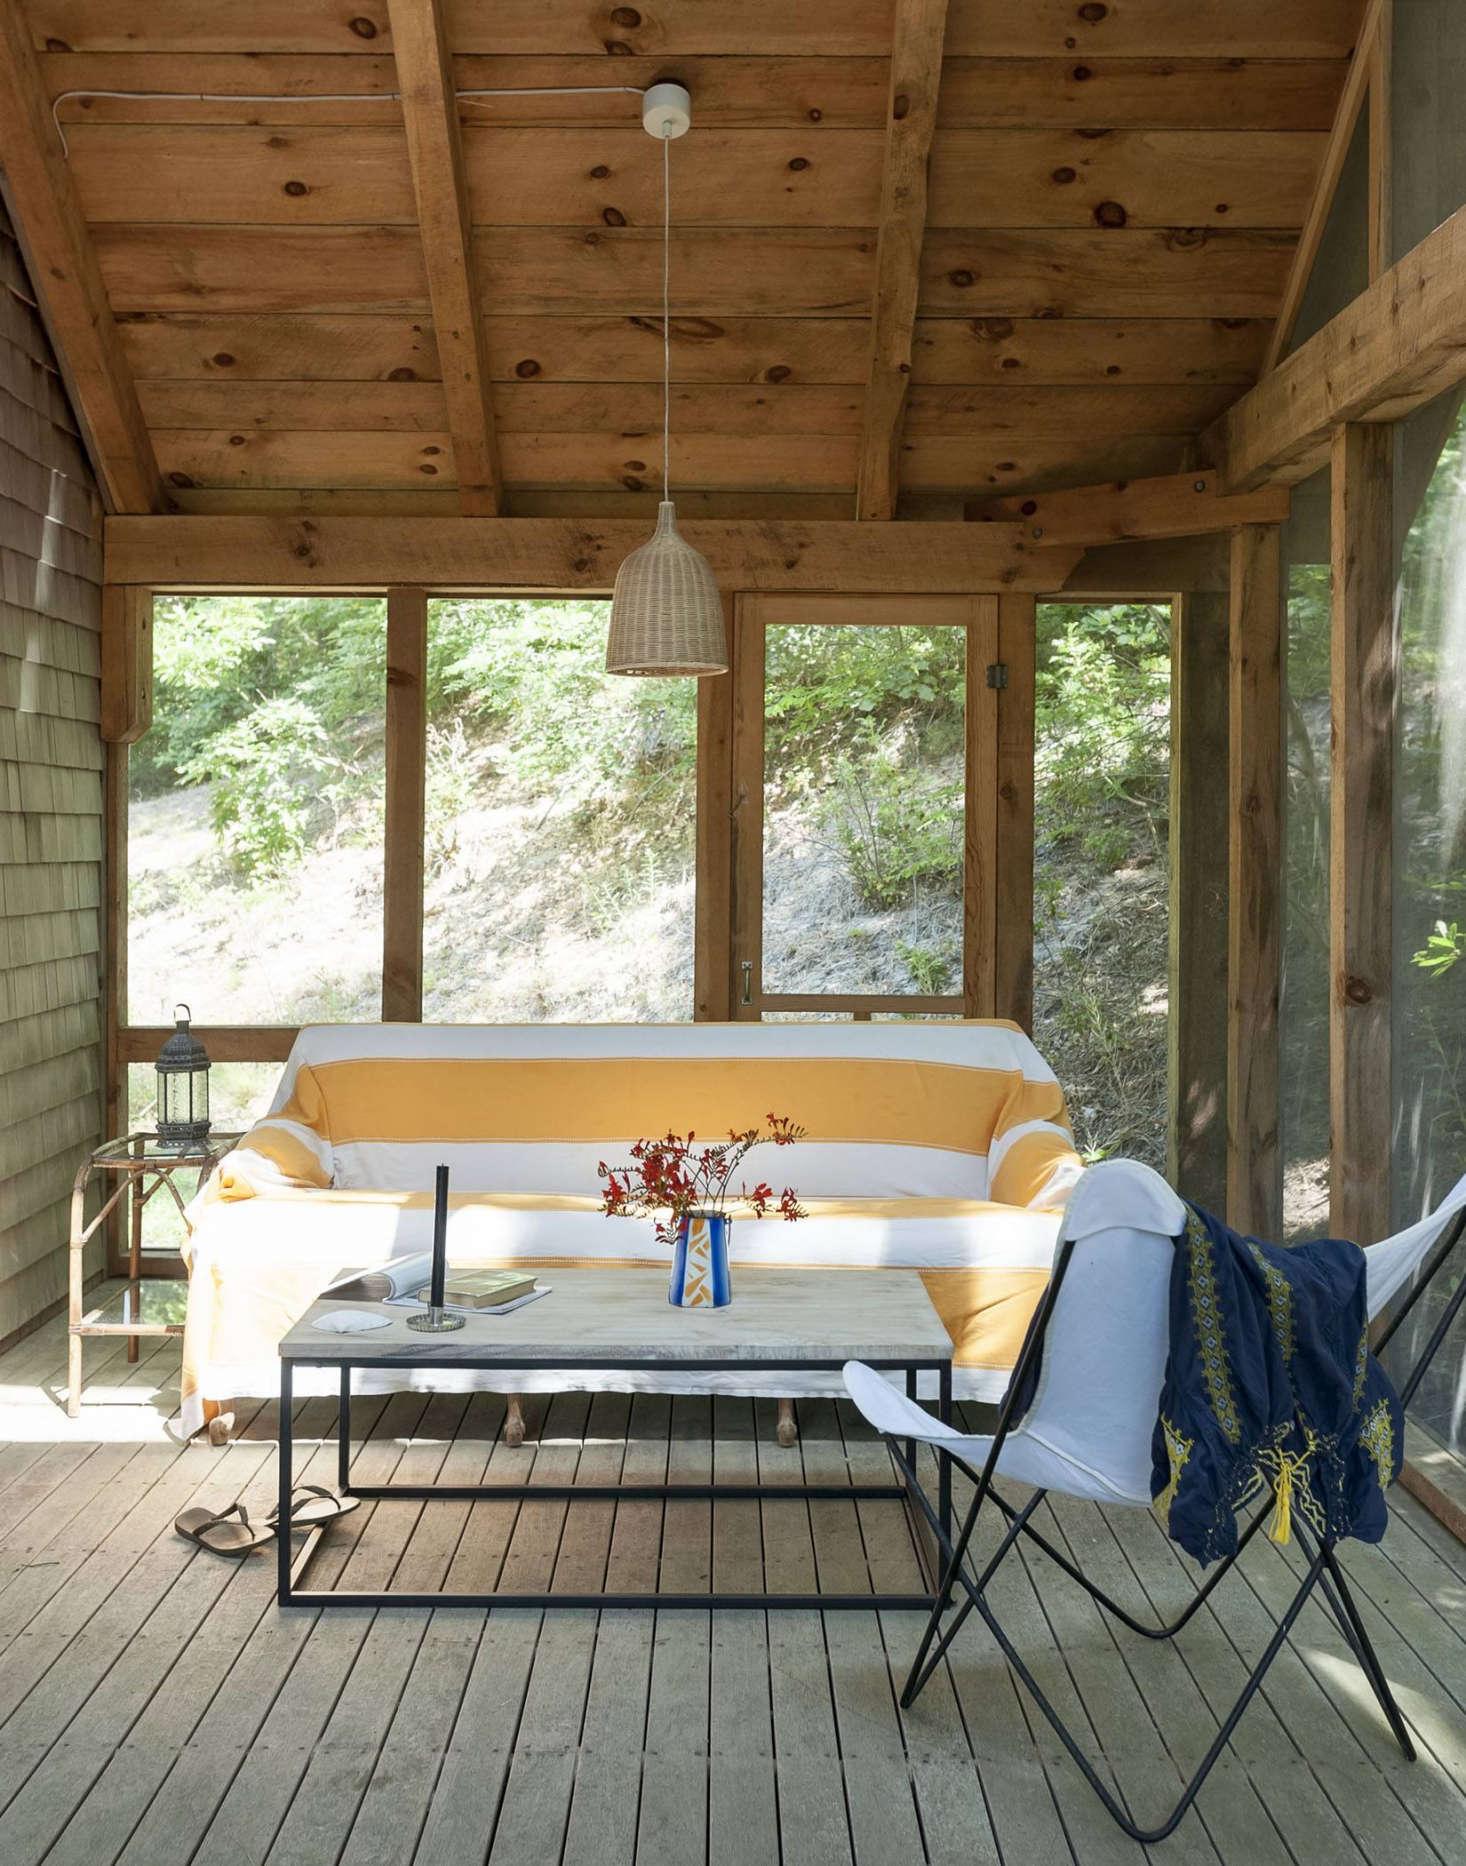 一个精心设计的建筑,一个木头的地下室,一个名叫安藤的圣安布·安林家